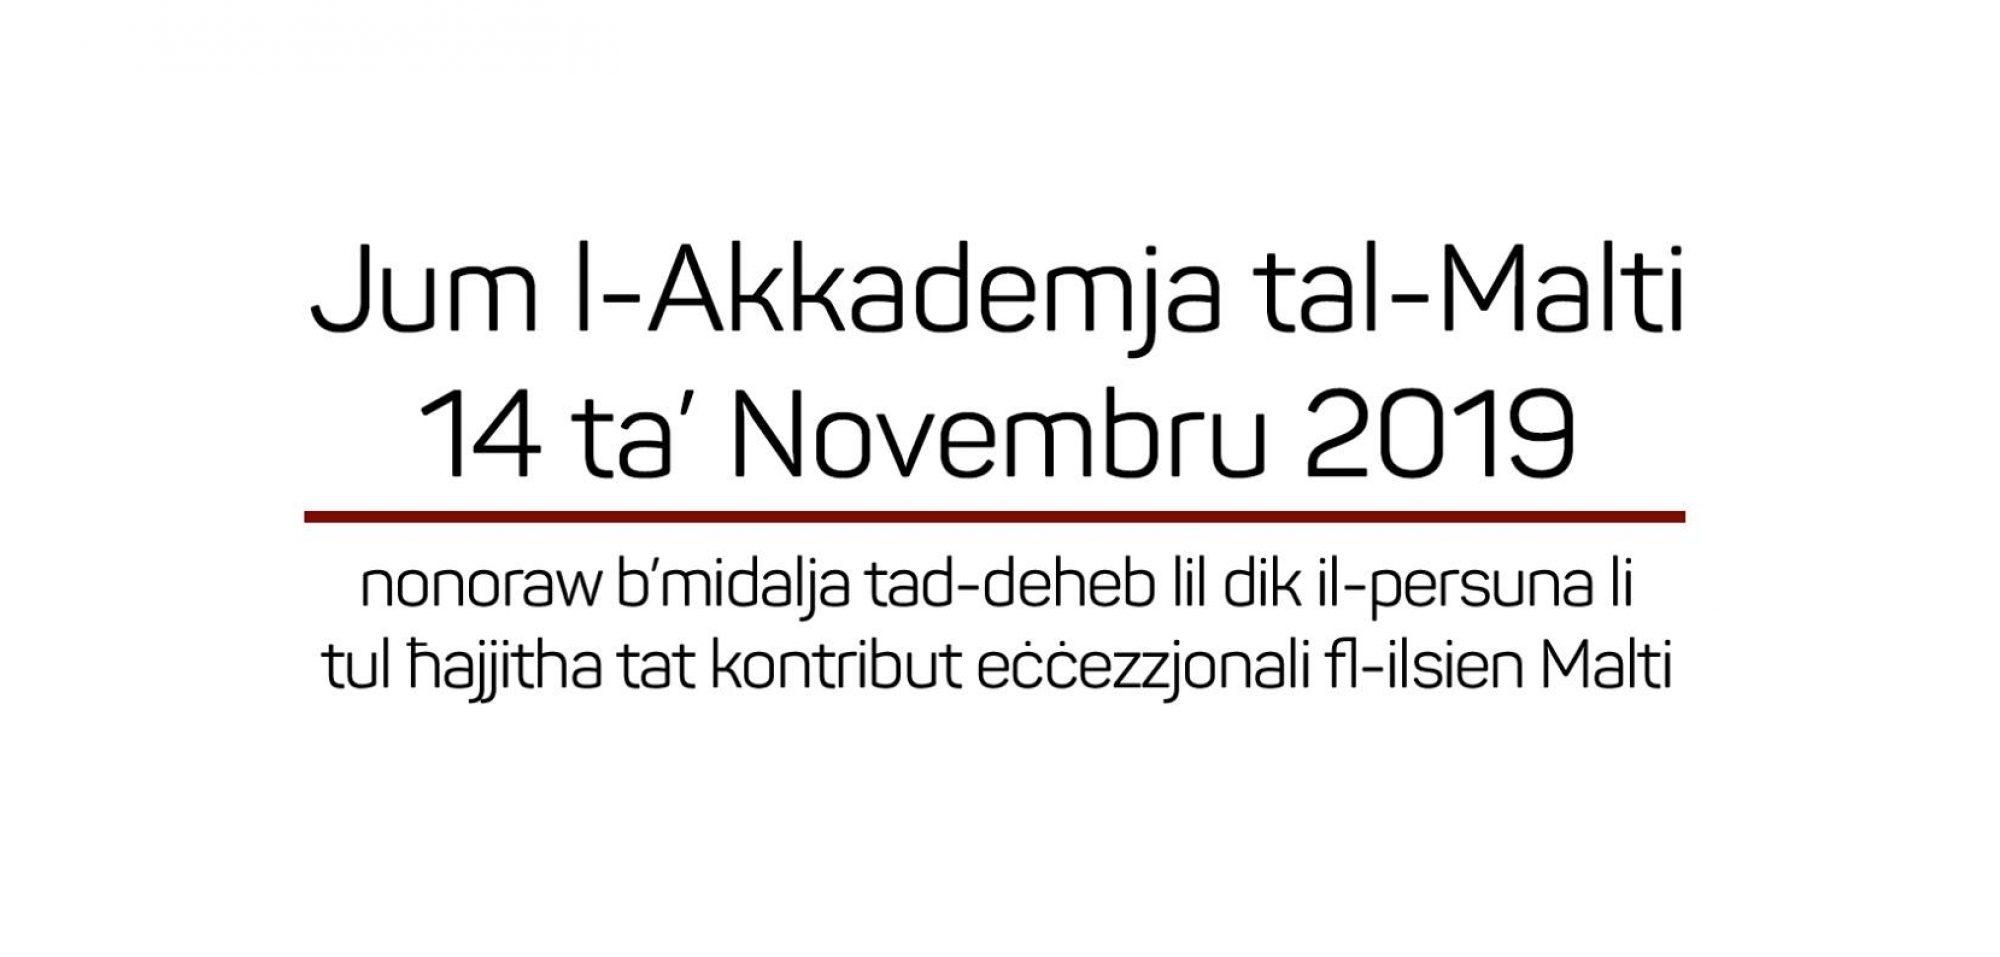 L-Akkademja tal-Malti